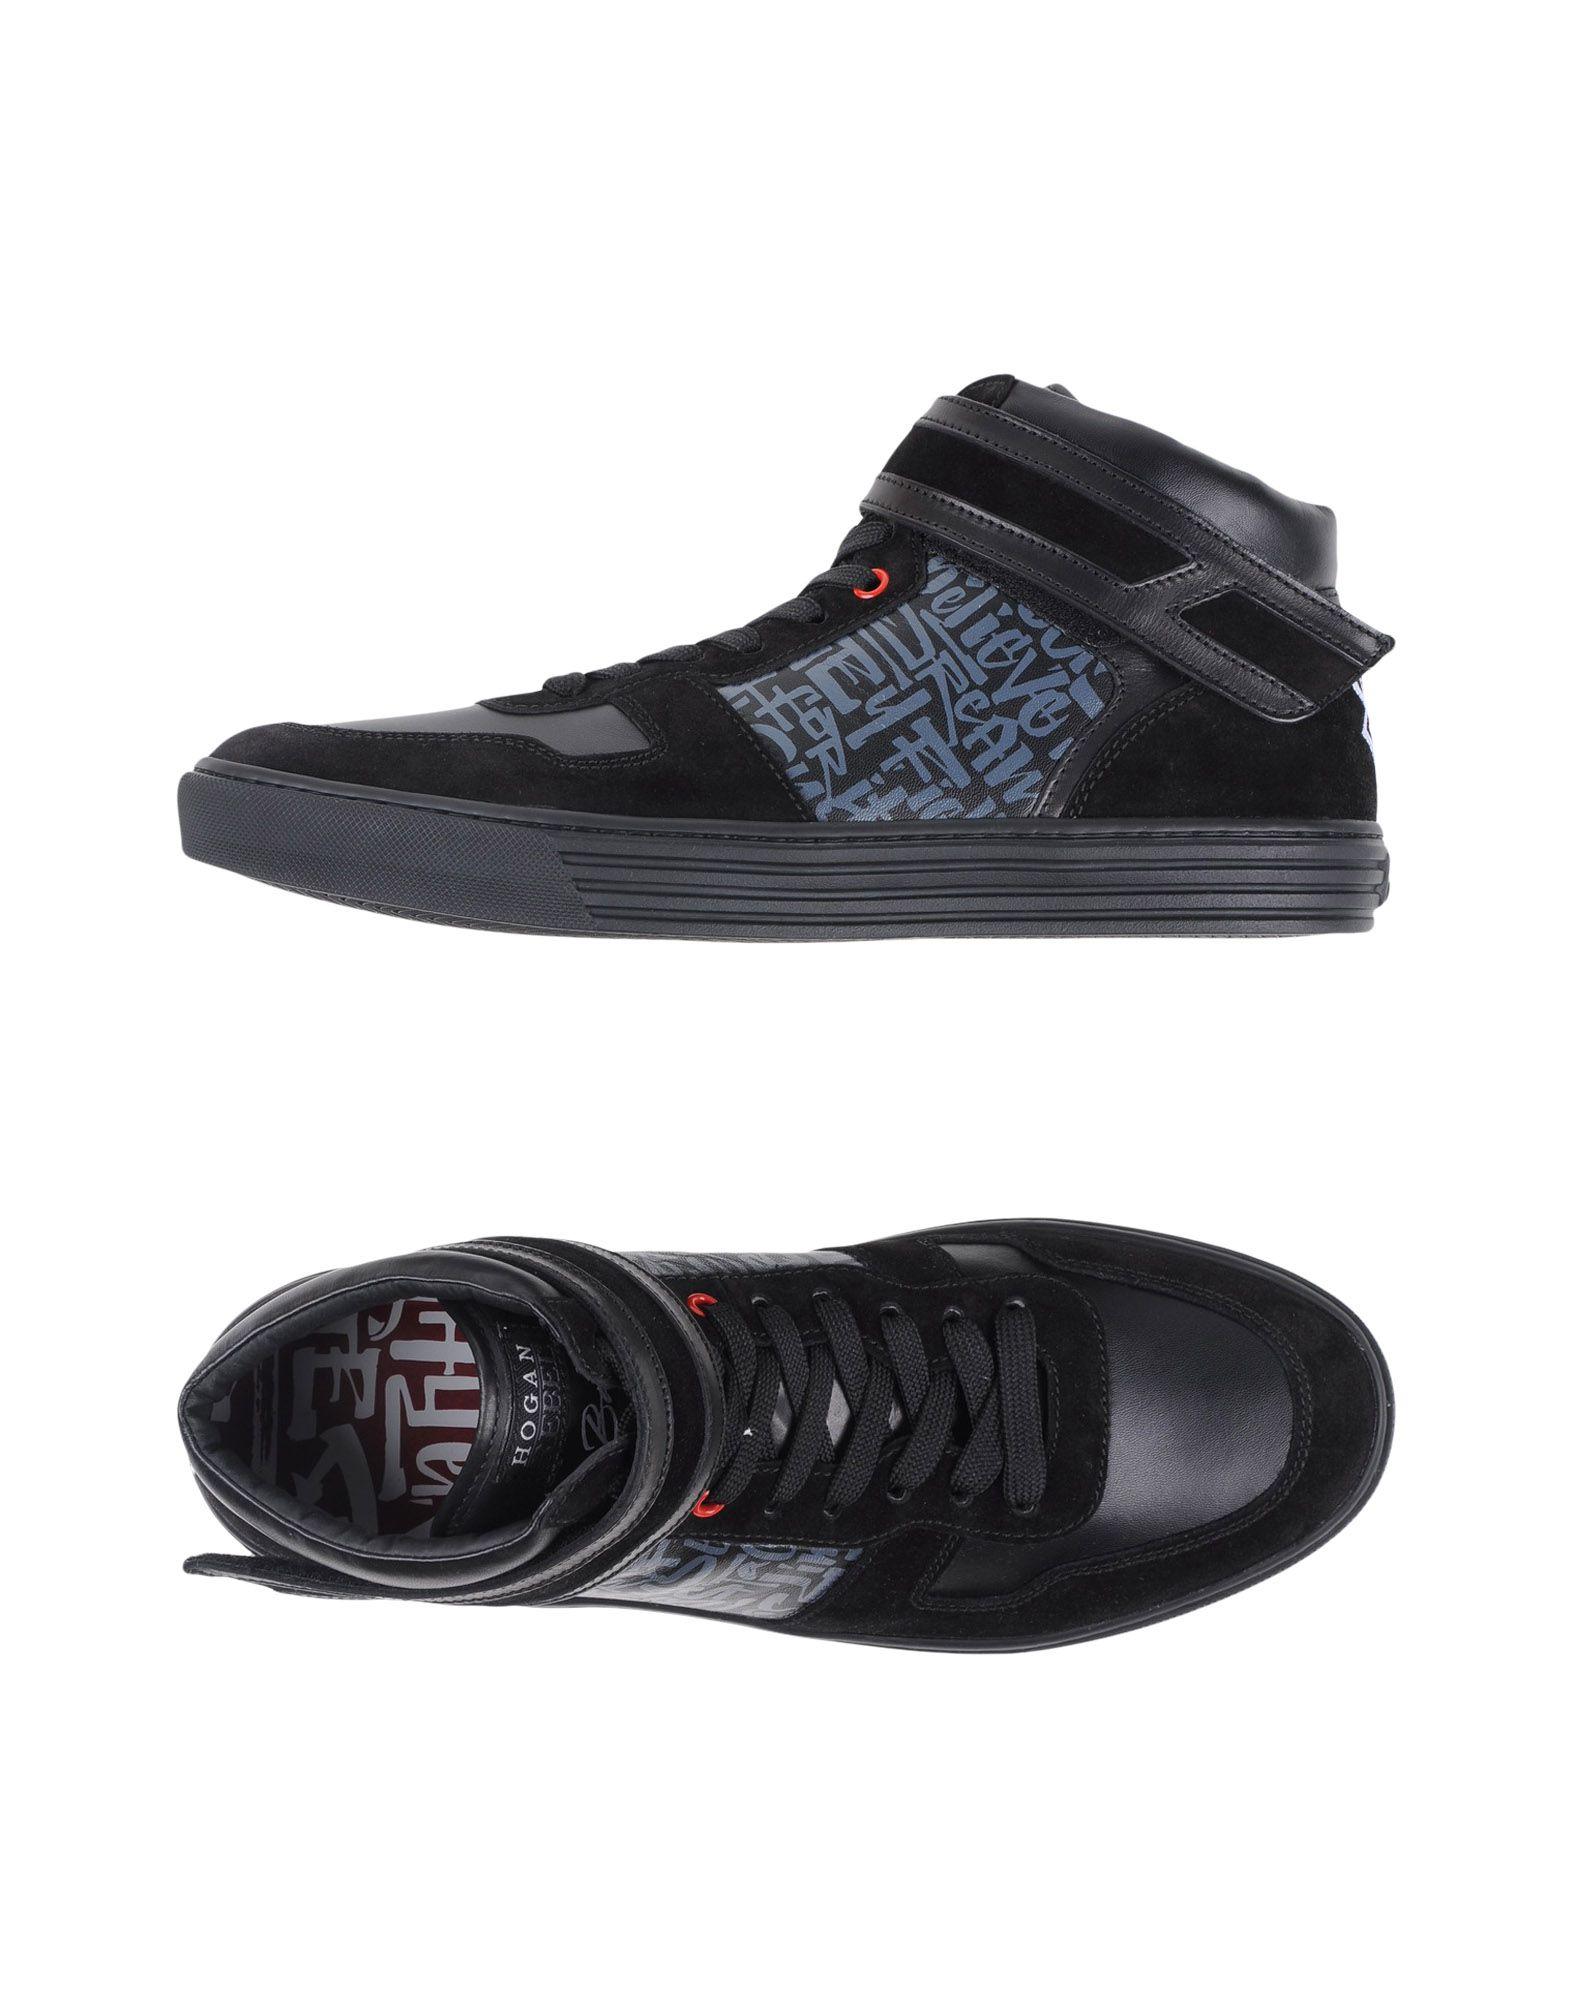 Hogan Rebel Sneakers Herren Herren Sneakers  11036885CU 01ebdf